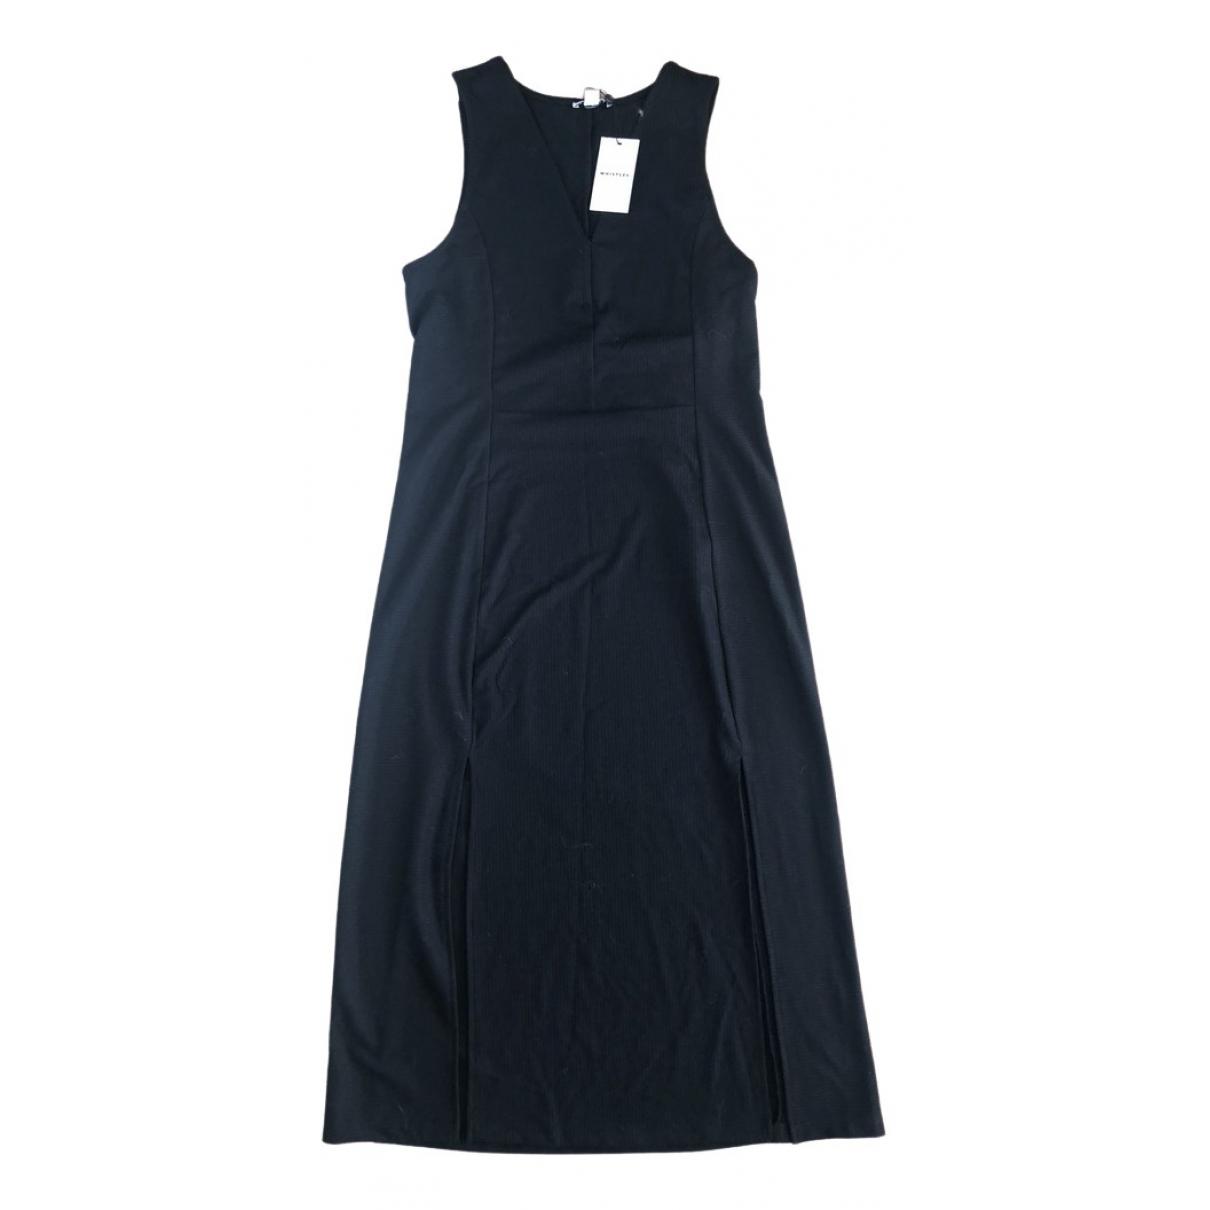 Whistles \N Black dress for Women 12 UK